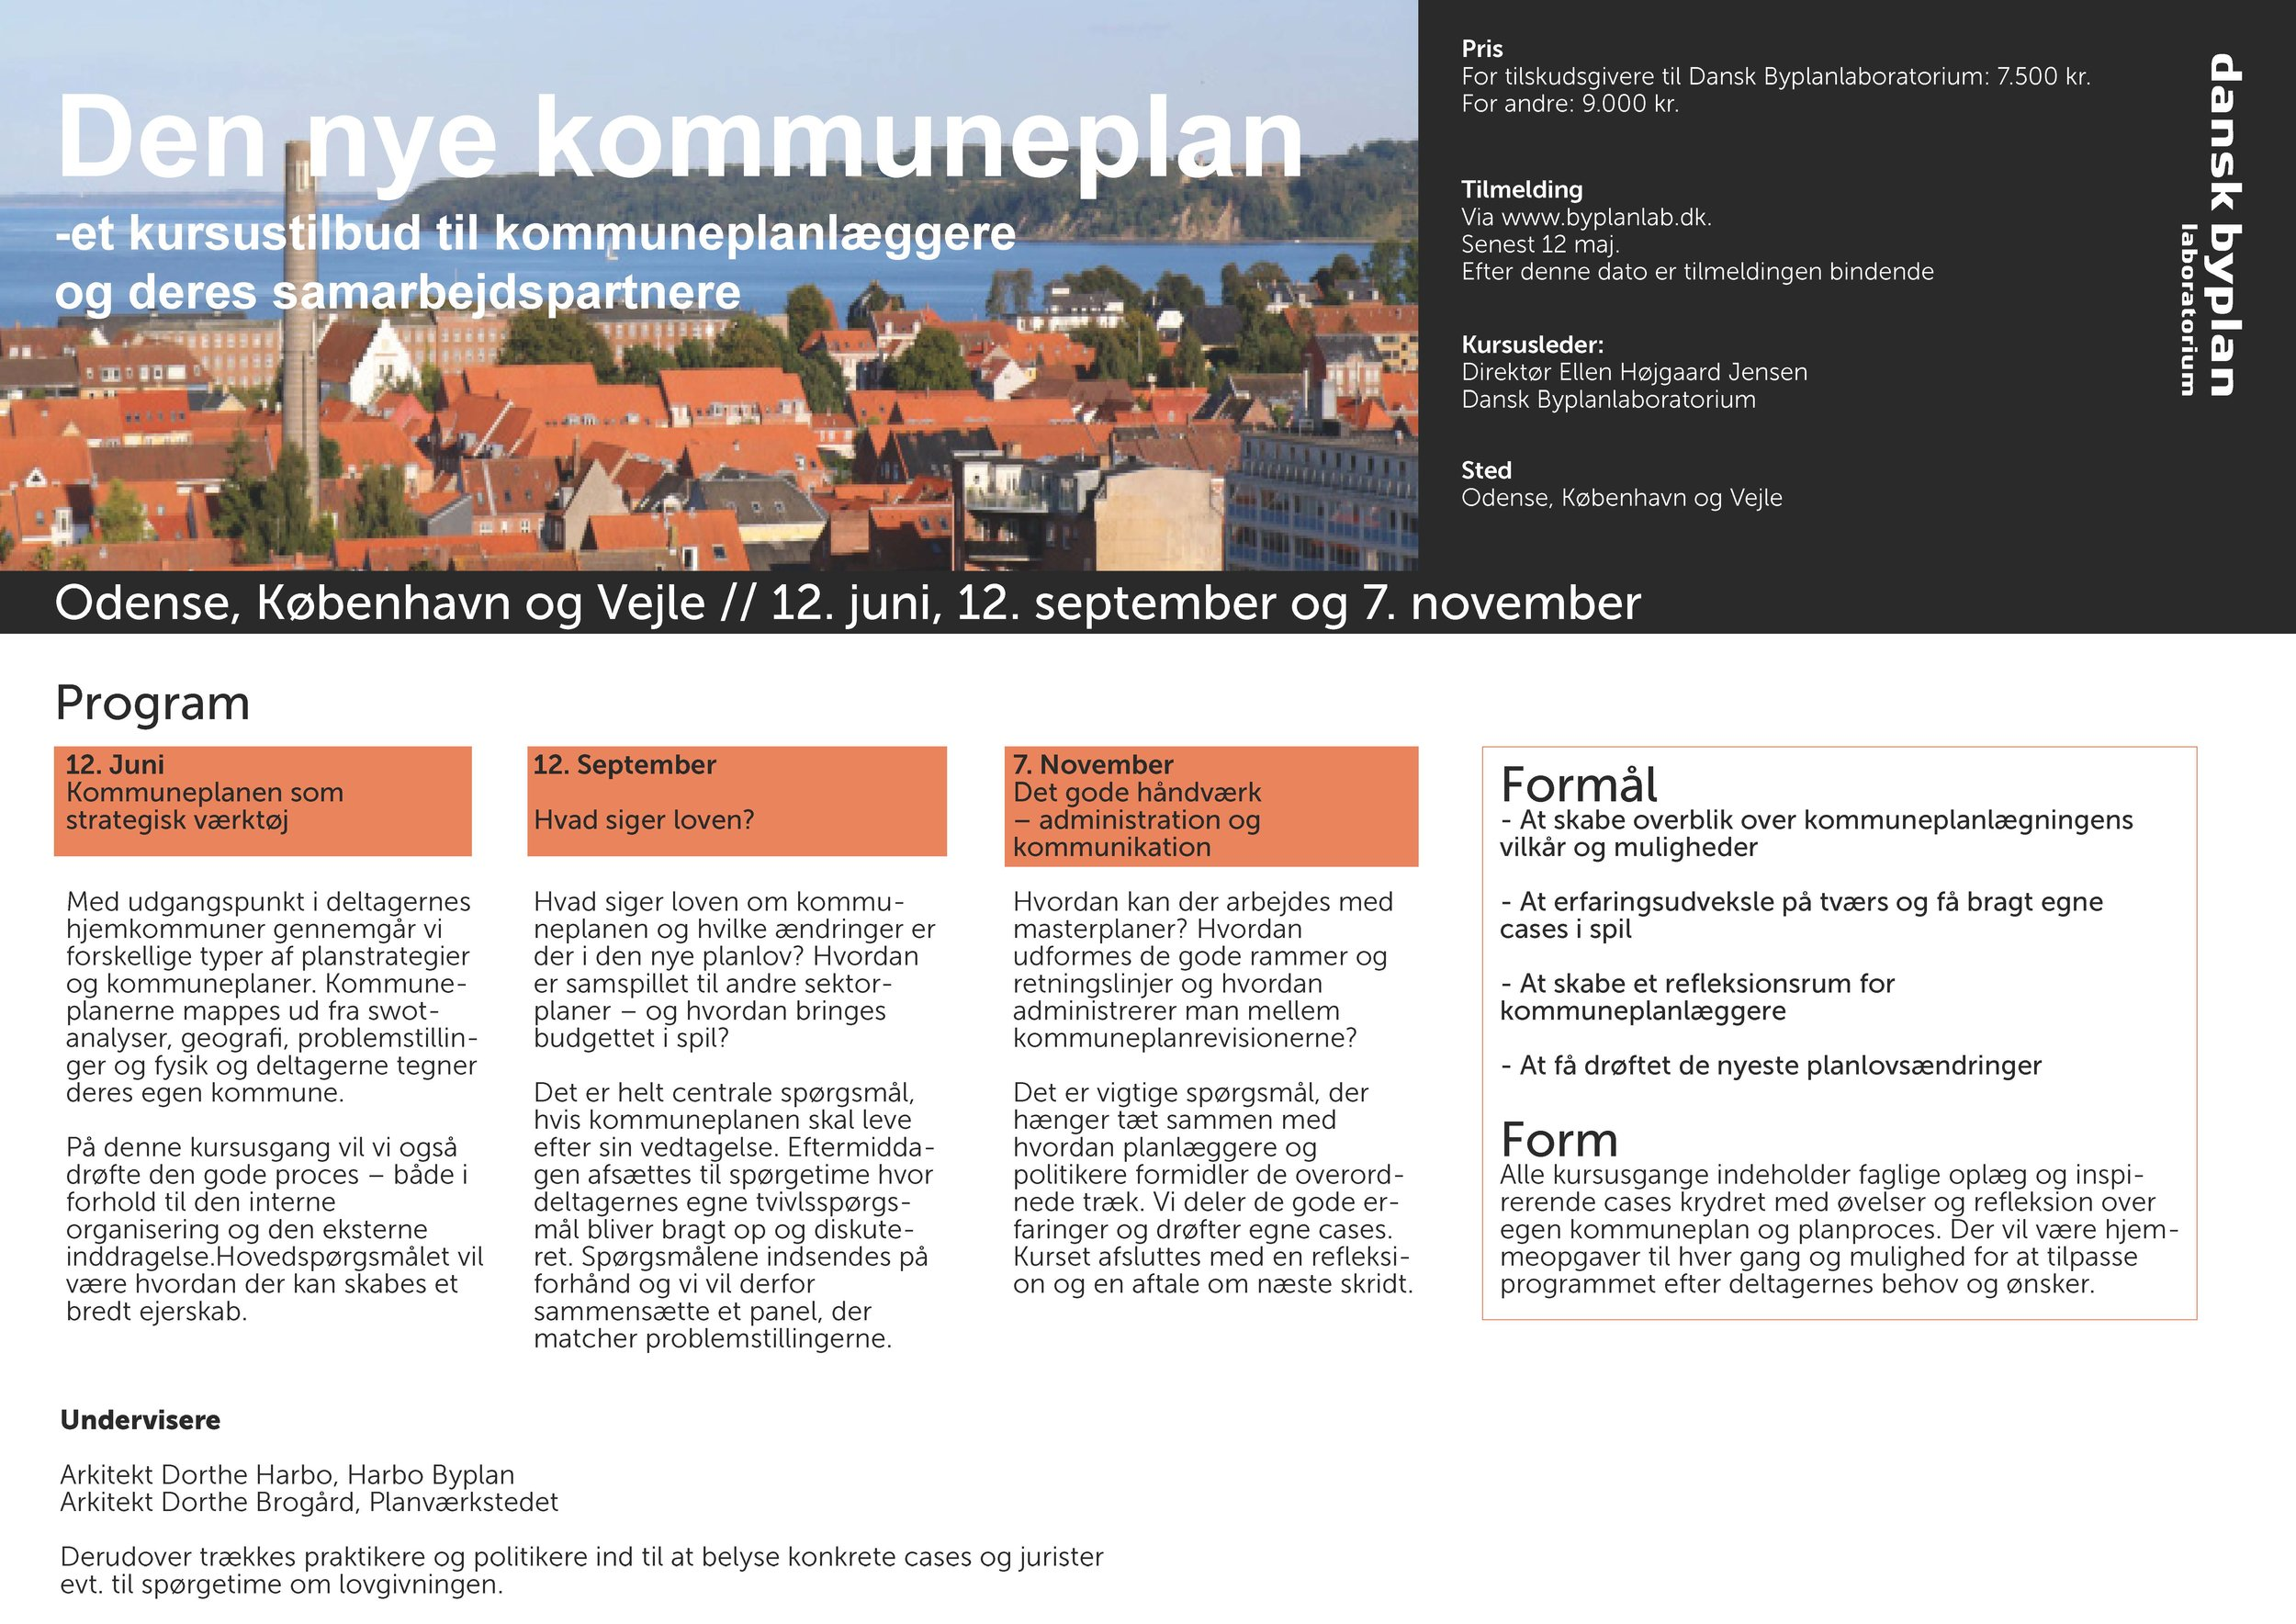 Program_Den_ny_kommuneplan.jpg